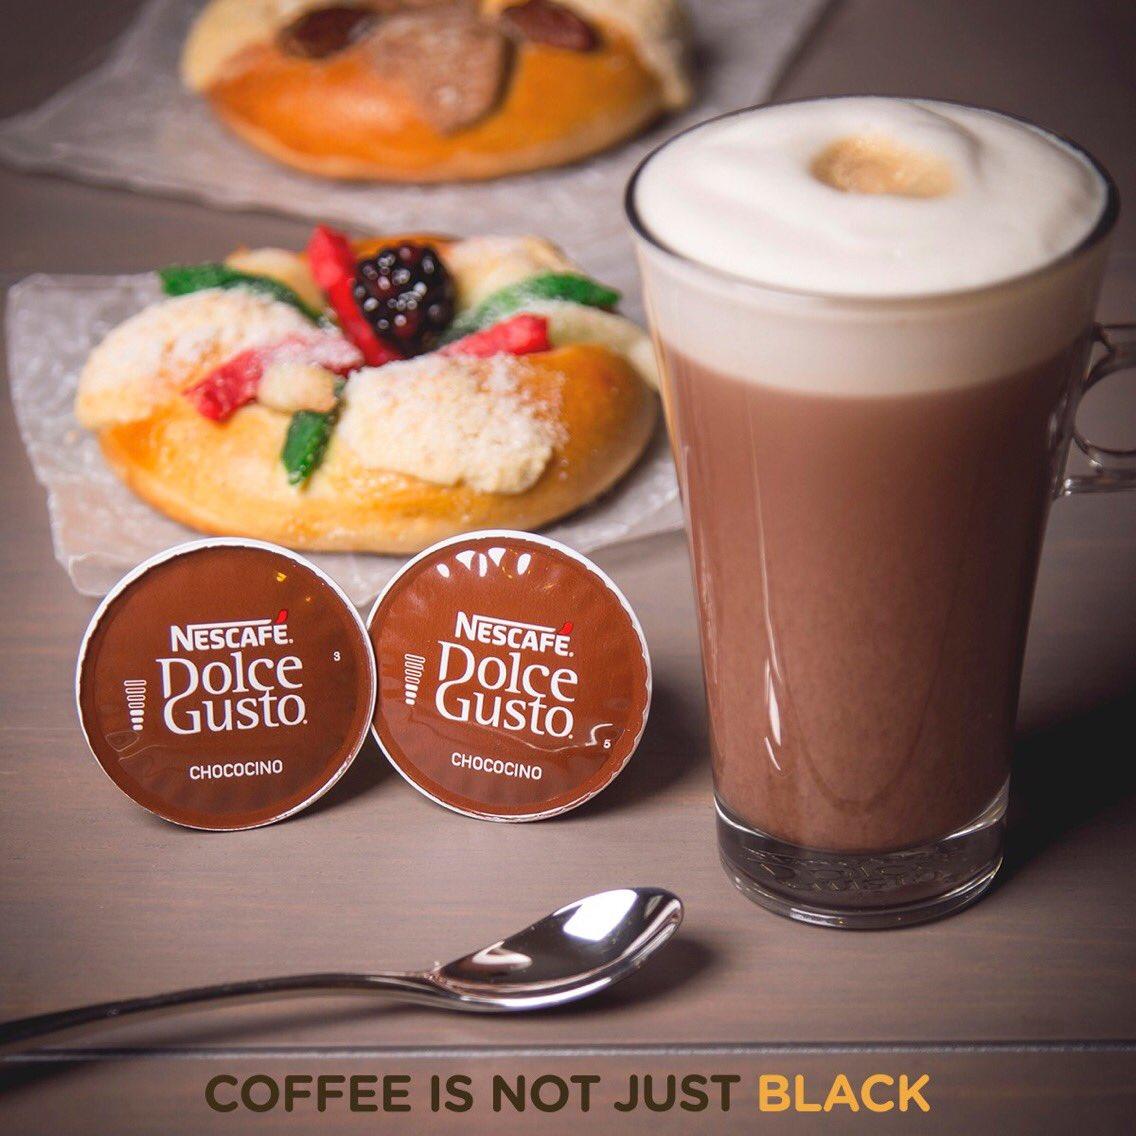 ¿Qué tal una taza de Chococino® de NESCAFÉ® Dolce Gusto® para acompañar una deliciosa #RoscadeReyes? Compártenos tu momento.  ☕️🐪🐪🐪 https://t.co/lkNrJfF97p